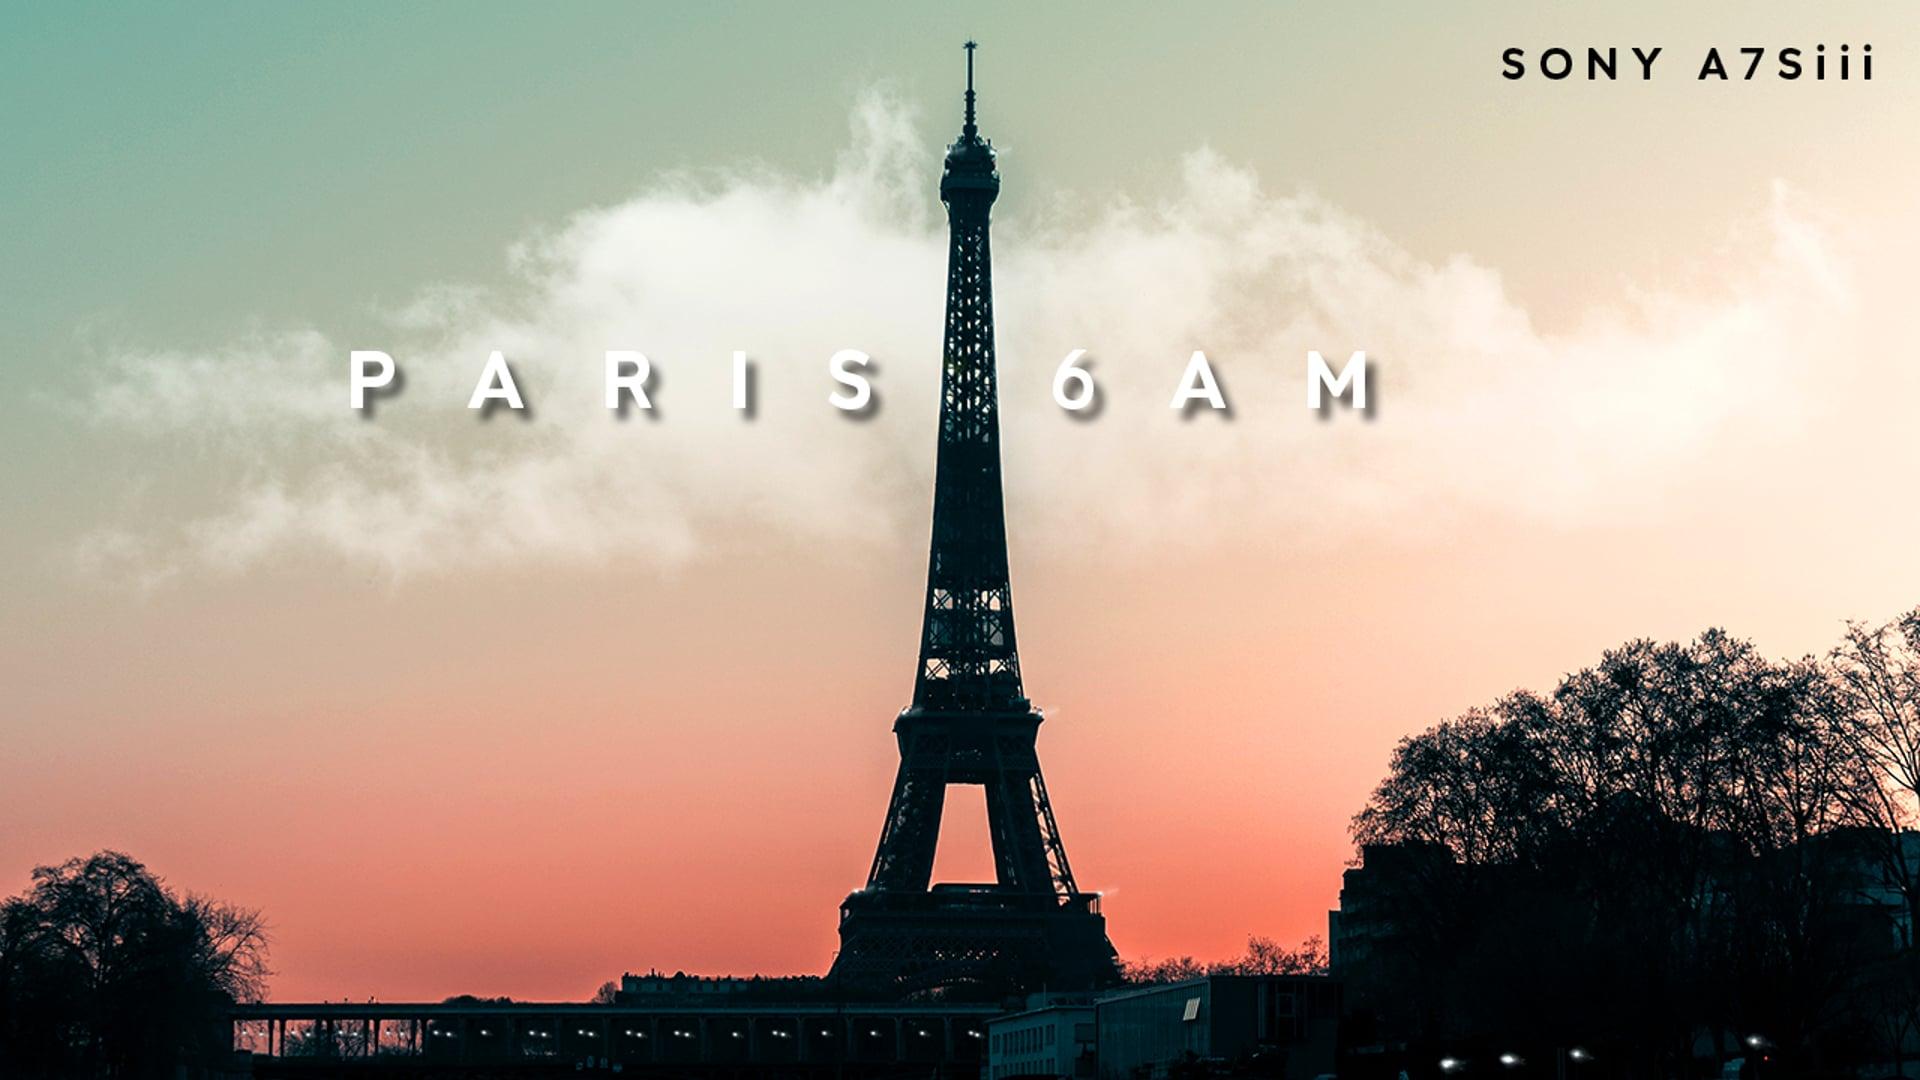 Paris 6am - A7siii